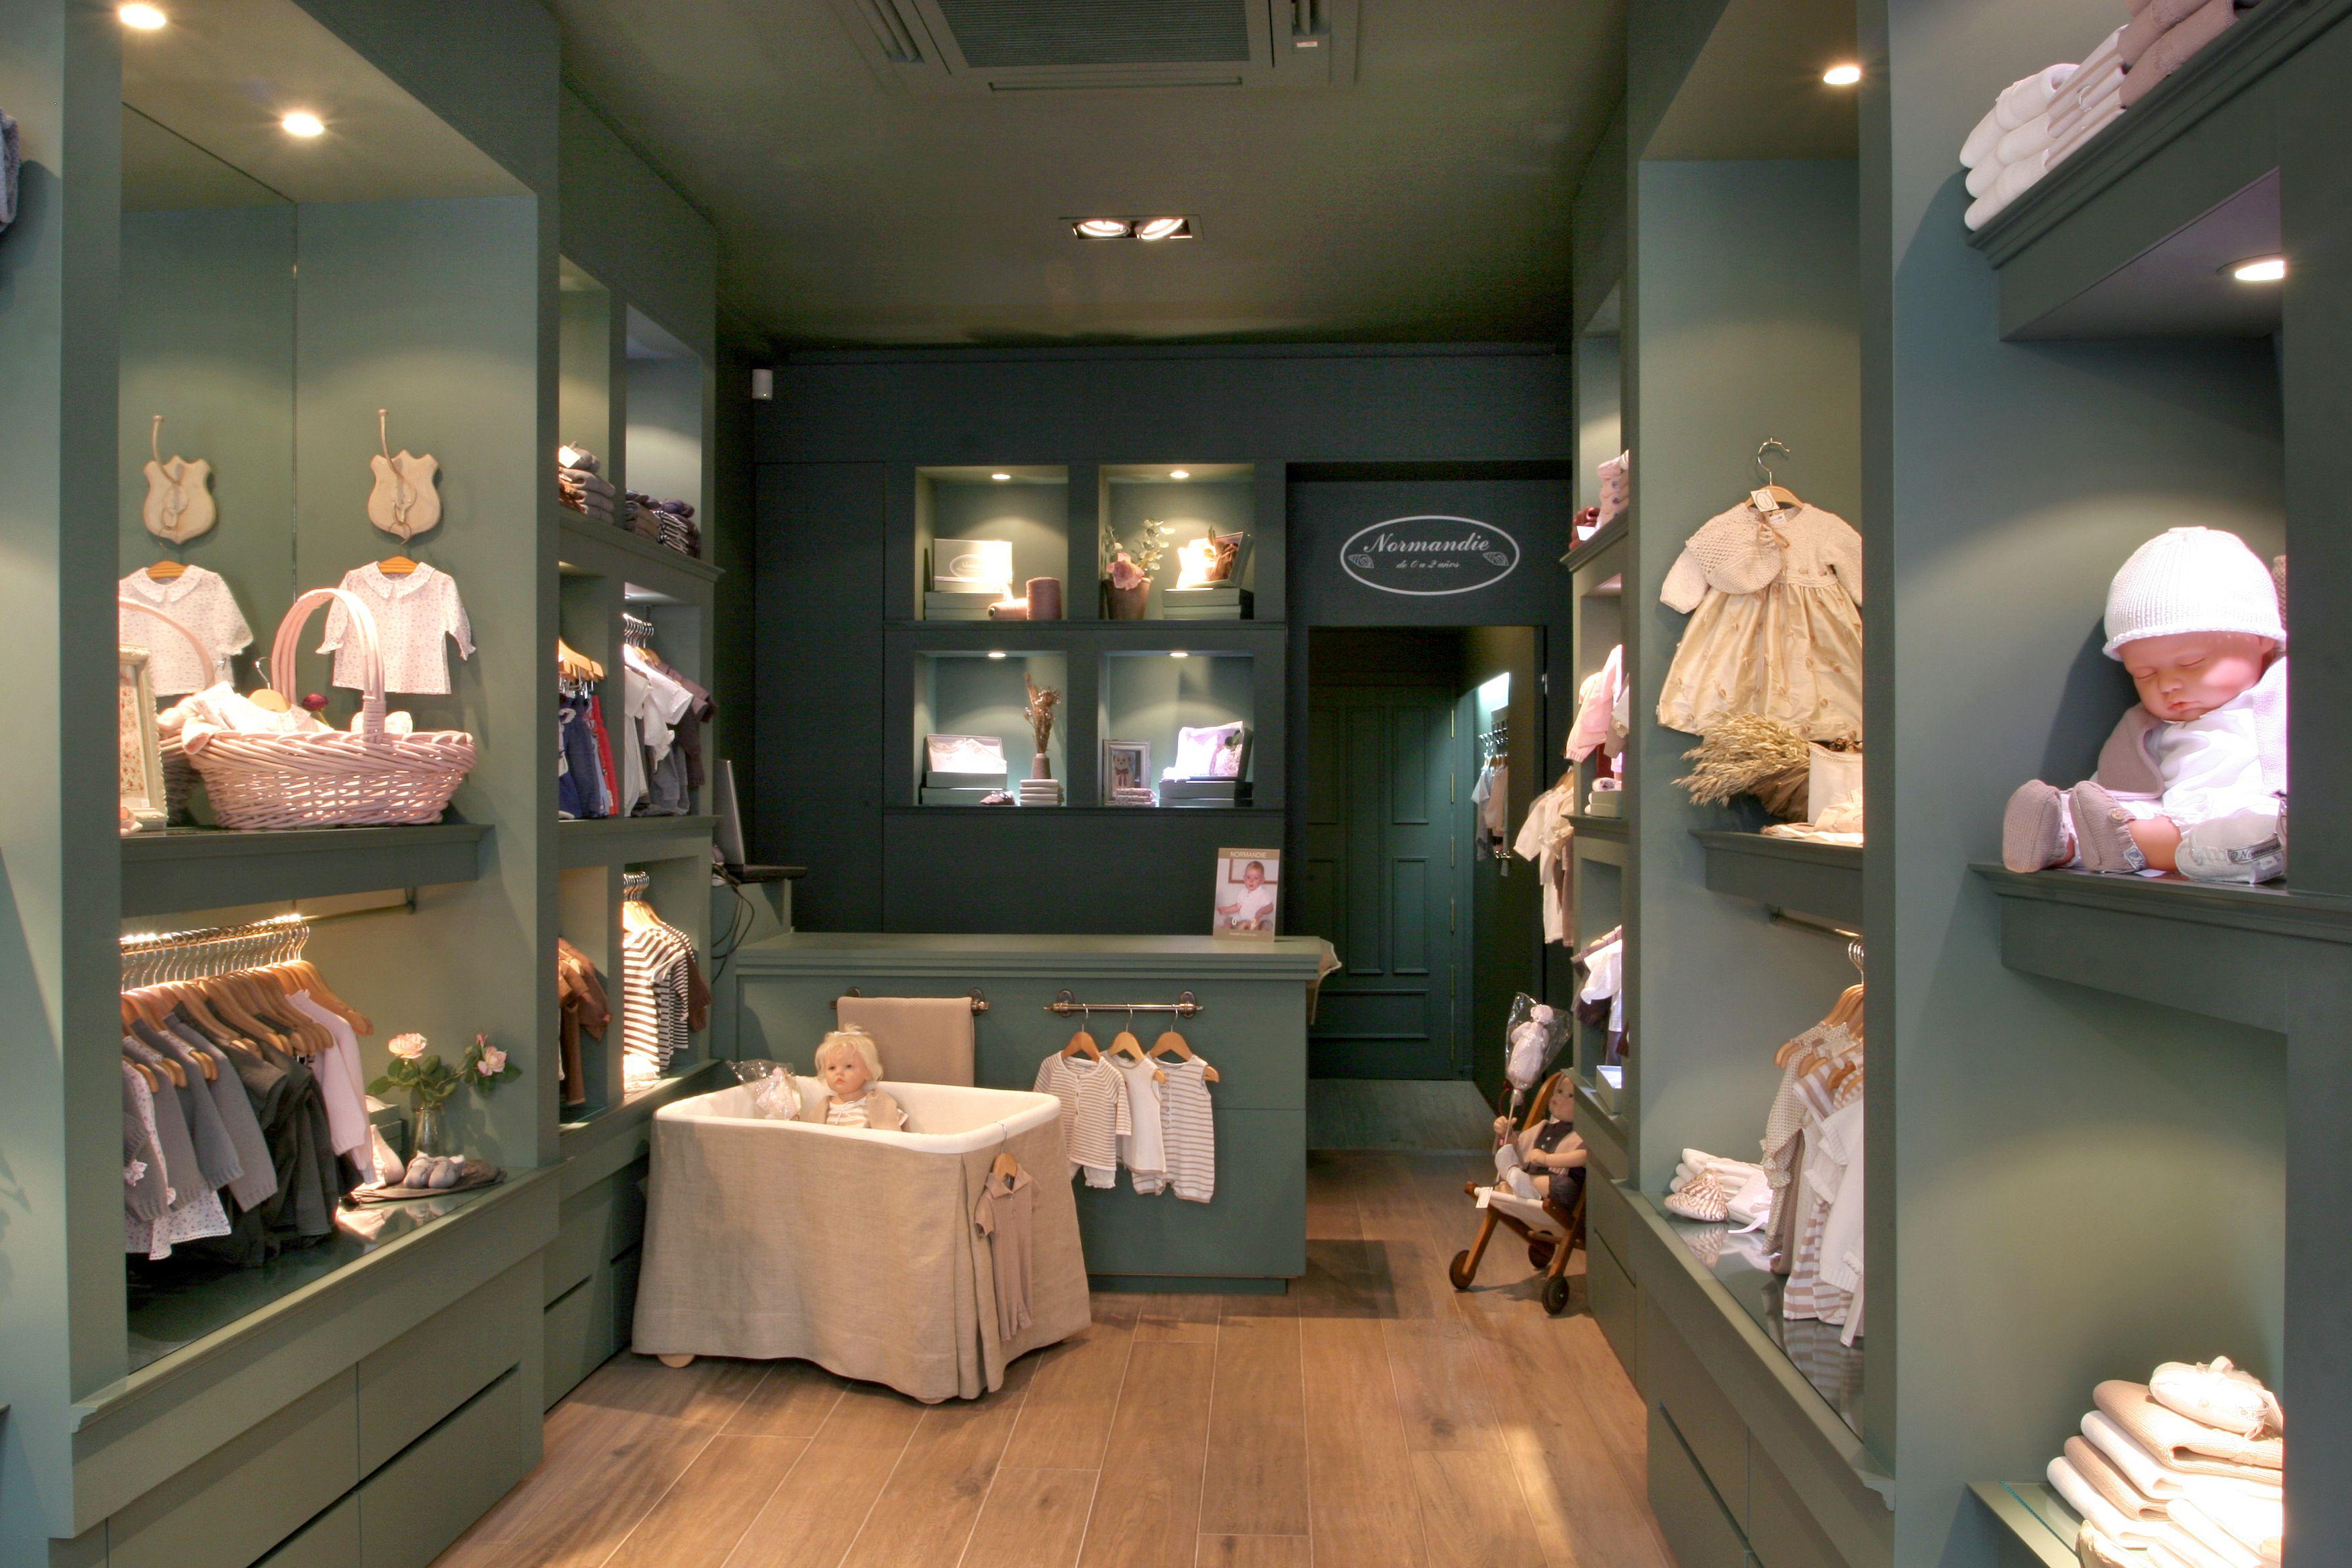 Tienda de ropa para beb en barcelona moda infantil para - Baby spa barcelona ...